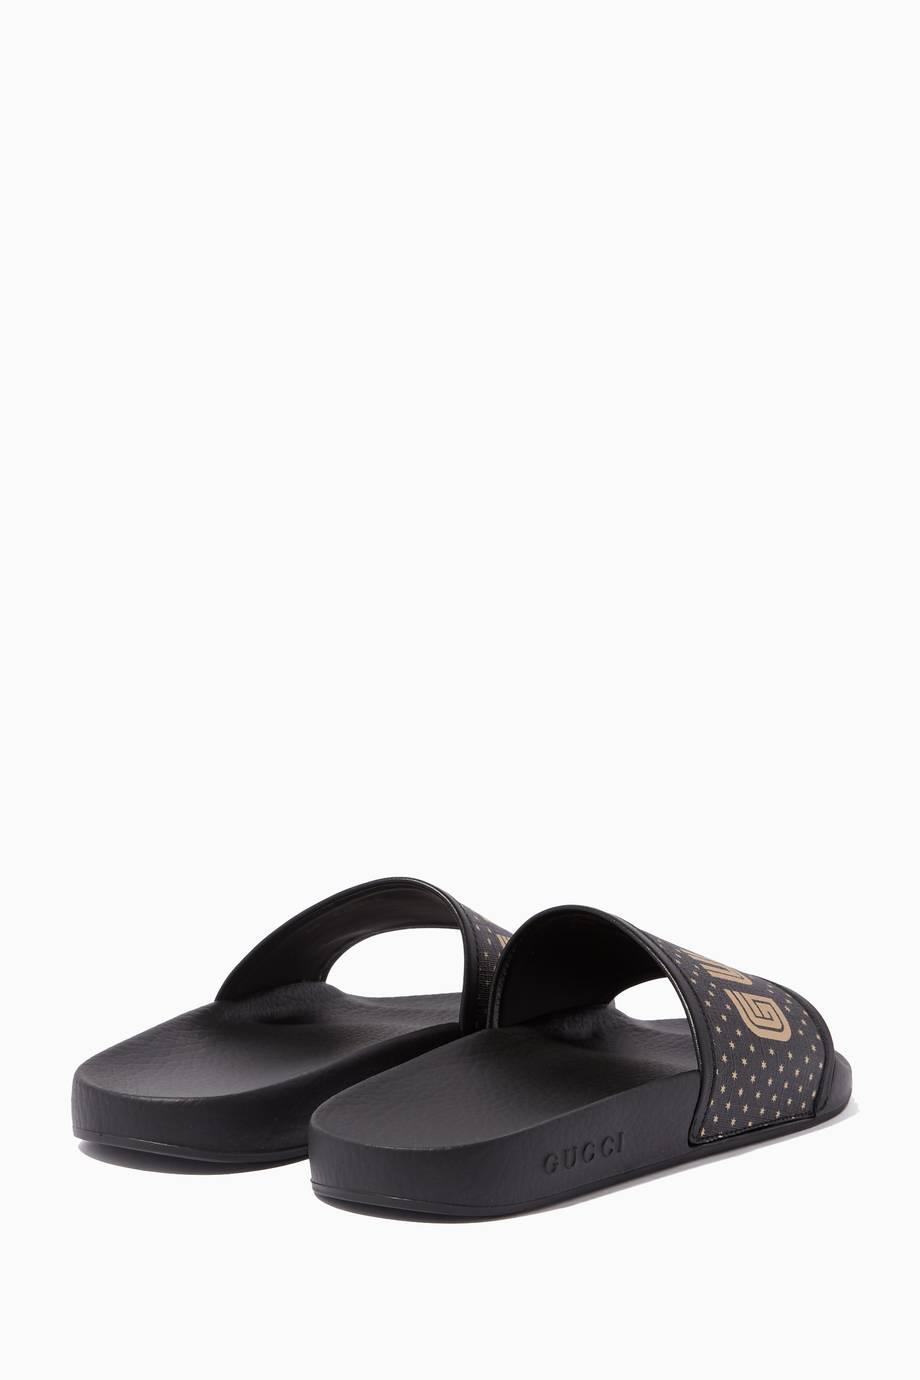 6c2bf3ccaf0 Shop Luxury Gucci Black Pursuit Guccy Rubber Slides